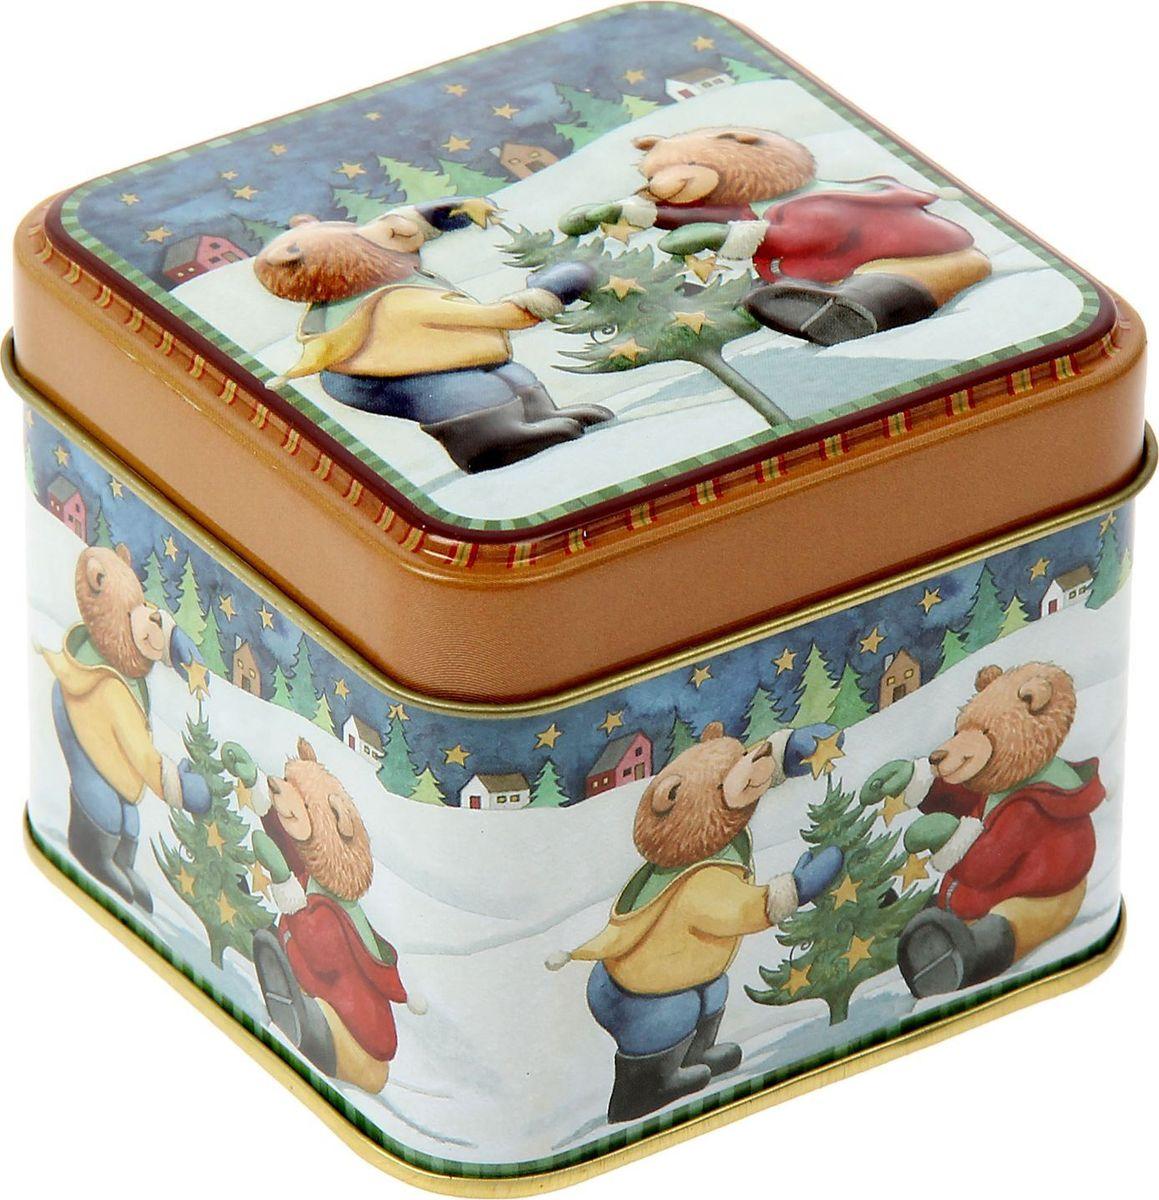 Шкатулка Sima-land Медвежата наряжают елку, цвет: бежевый, 6 х 7,5 х 7,5 см1387753Шкатулка — это небольшой сувенир, а также оригинальная упаковка подарка. Она дополнит интерьер спальни, гостиной или прихожей. Изделие предназначено для хранения украшений: колец, браслетов, часов, цепочек, колье, сережек и прочих предметов.